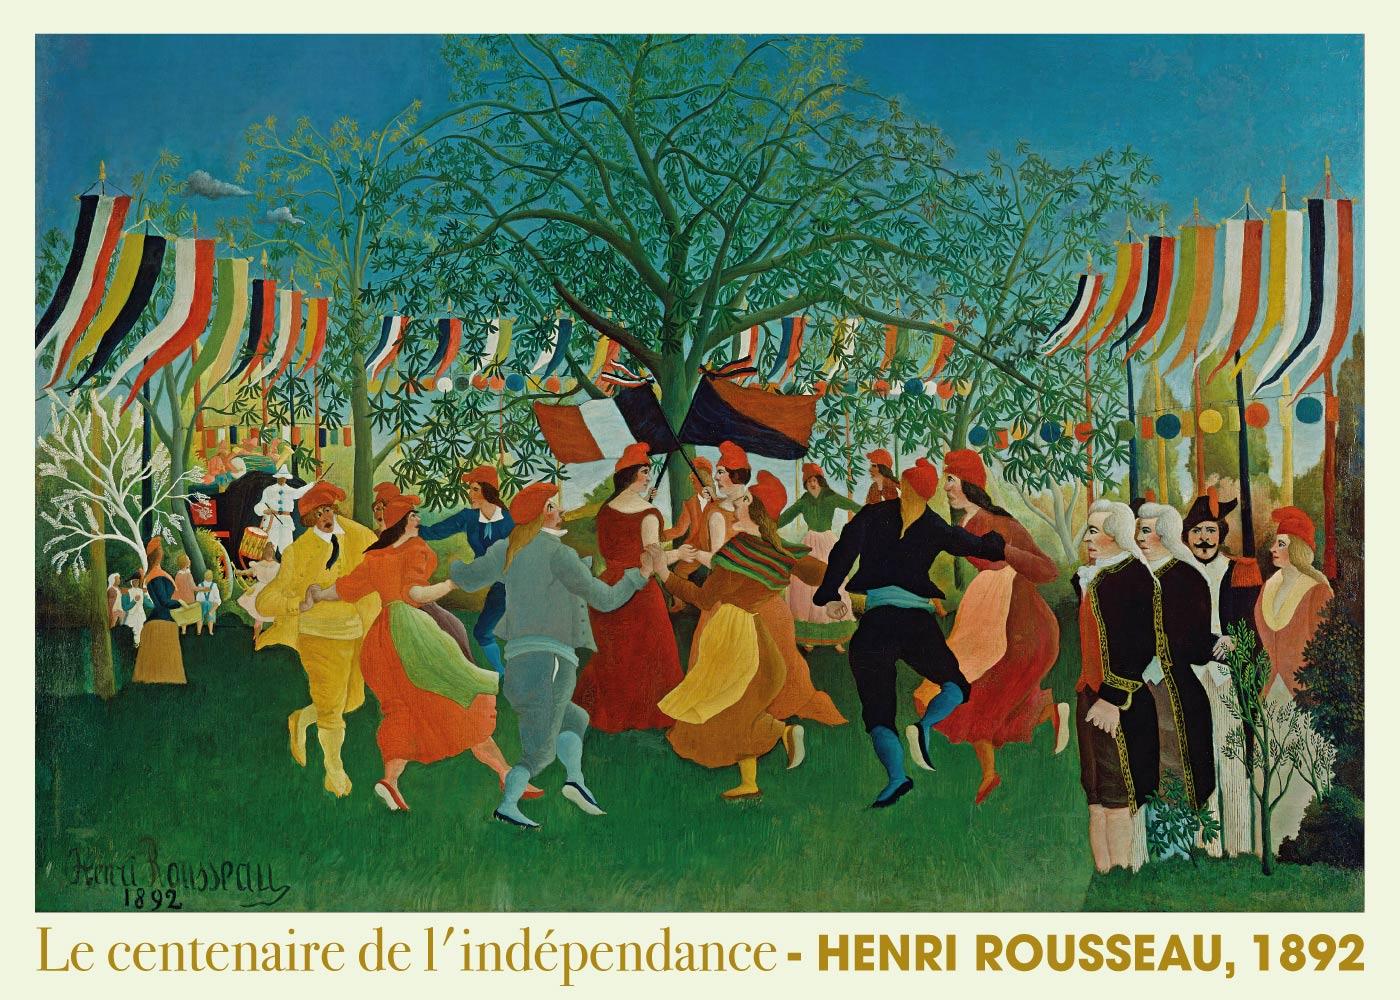 Billede af Le centenaire de l'indépendance - Henri Rousseau